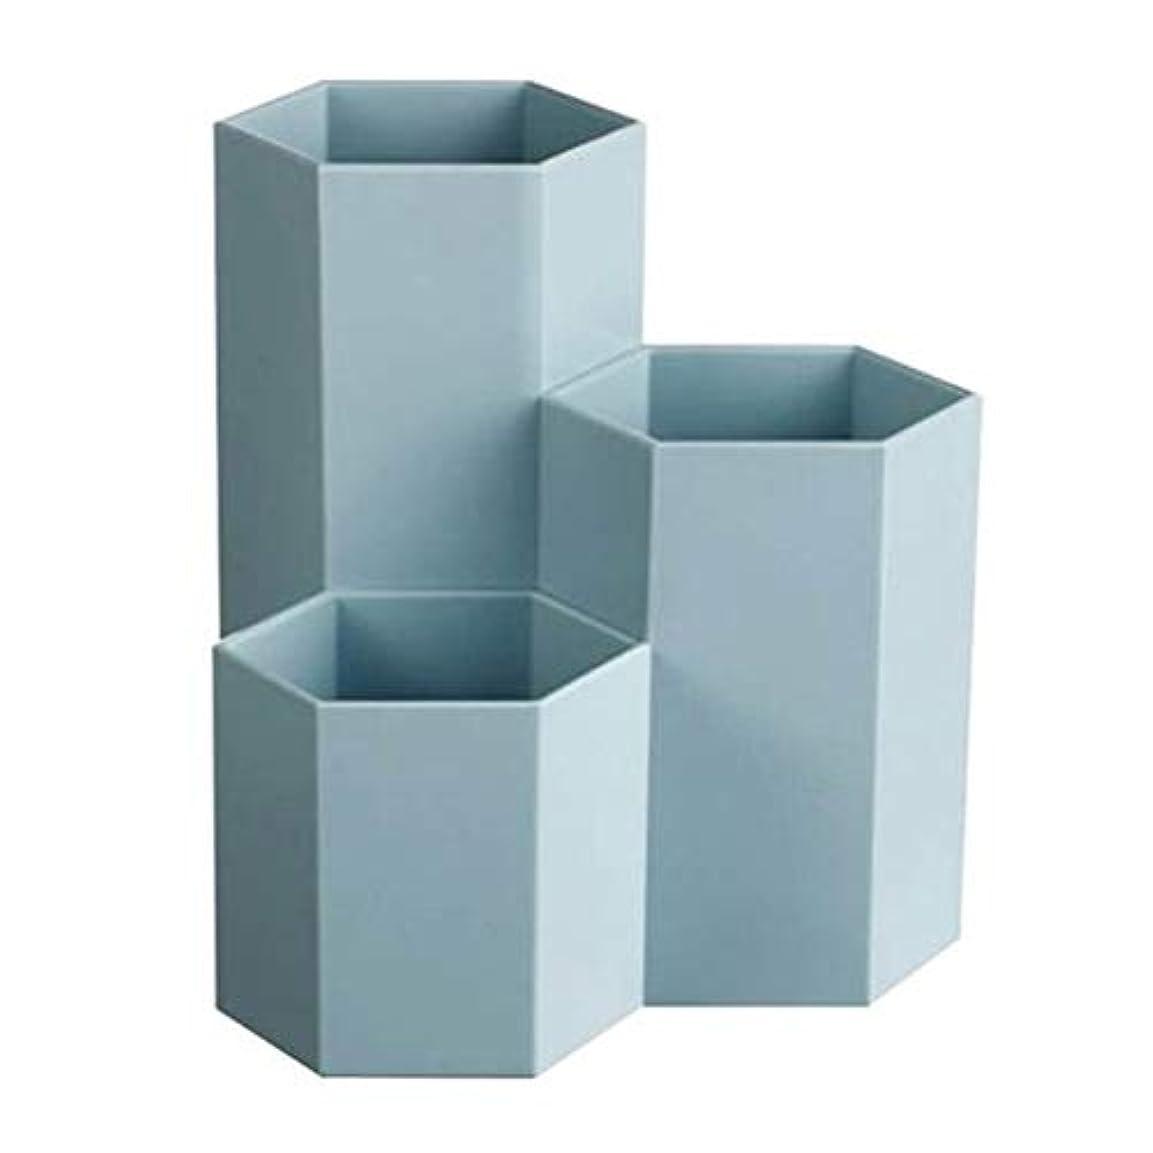 郵便局地殻安定したTerGOOSE 卓上収納ケース メイクブラシケース メイクブラシスタンド メイクブラシ収納ボックス メイクケース ペンホルダー 卓上文房具収納ボックス ペン立て 文房具 おしゃれ 六角 3つのグリッド 大容量 ブルー